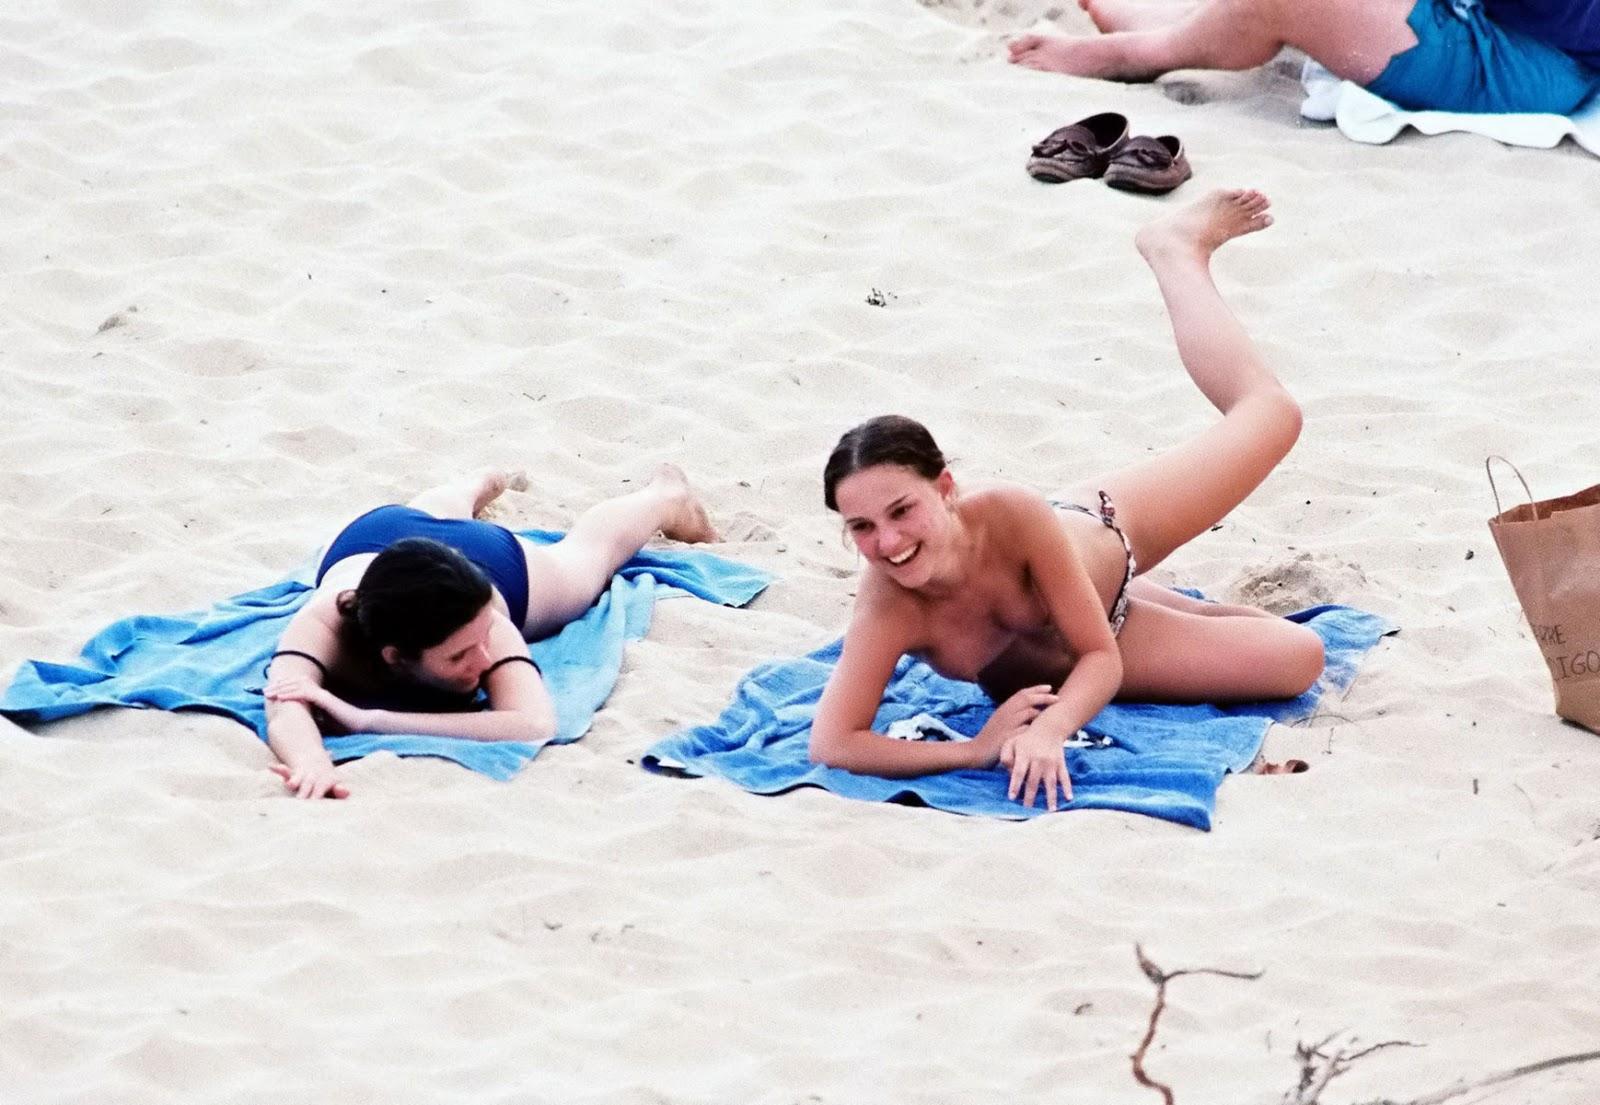 http://1.bp.blogspot.com/_rhYyryPuww0/TSmZ1A5d9BI/AAAAAAAAJeM/bT-sOlbOtuk/s1600/natalie-portman-topless-beach-07.jpg